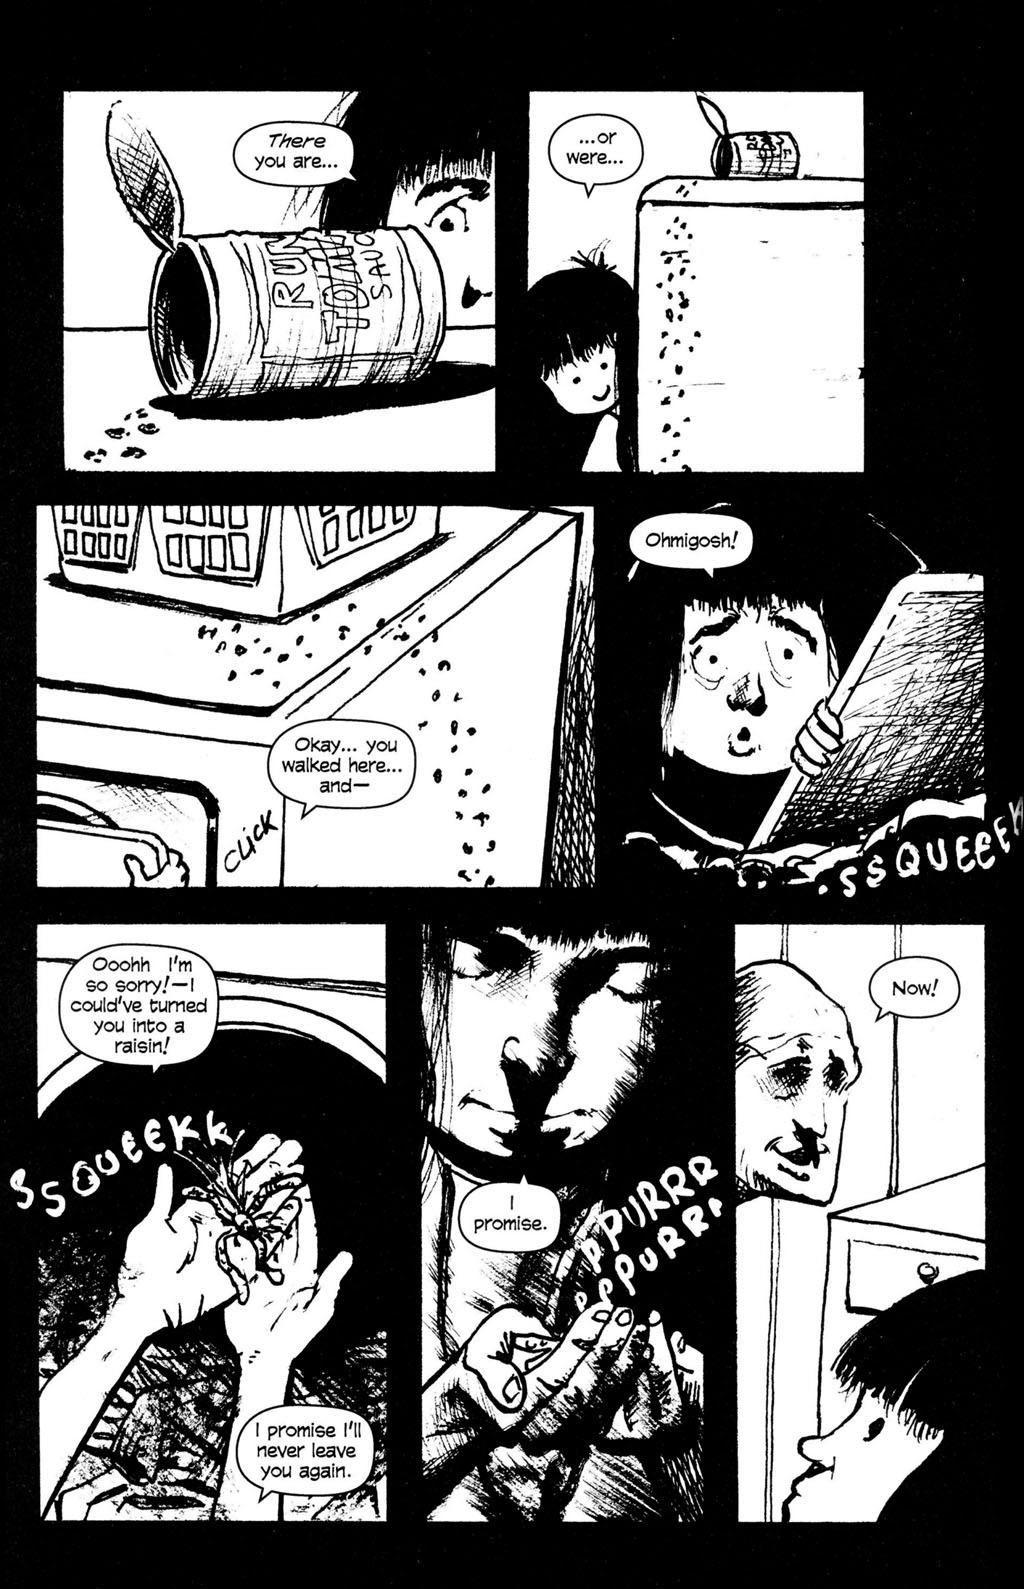 Read online Ojo comic -  Issue #4 - 4